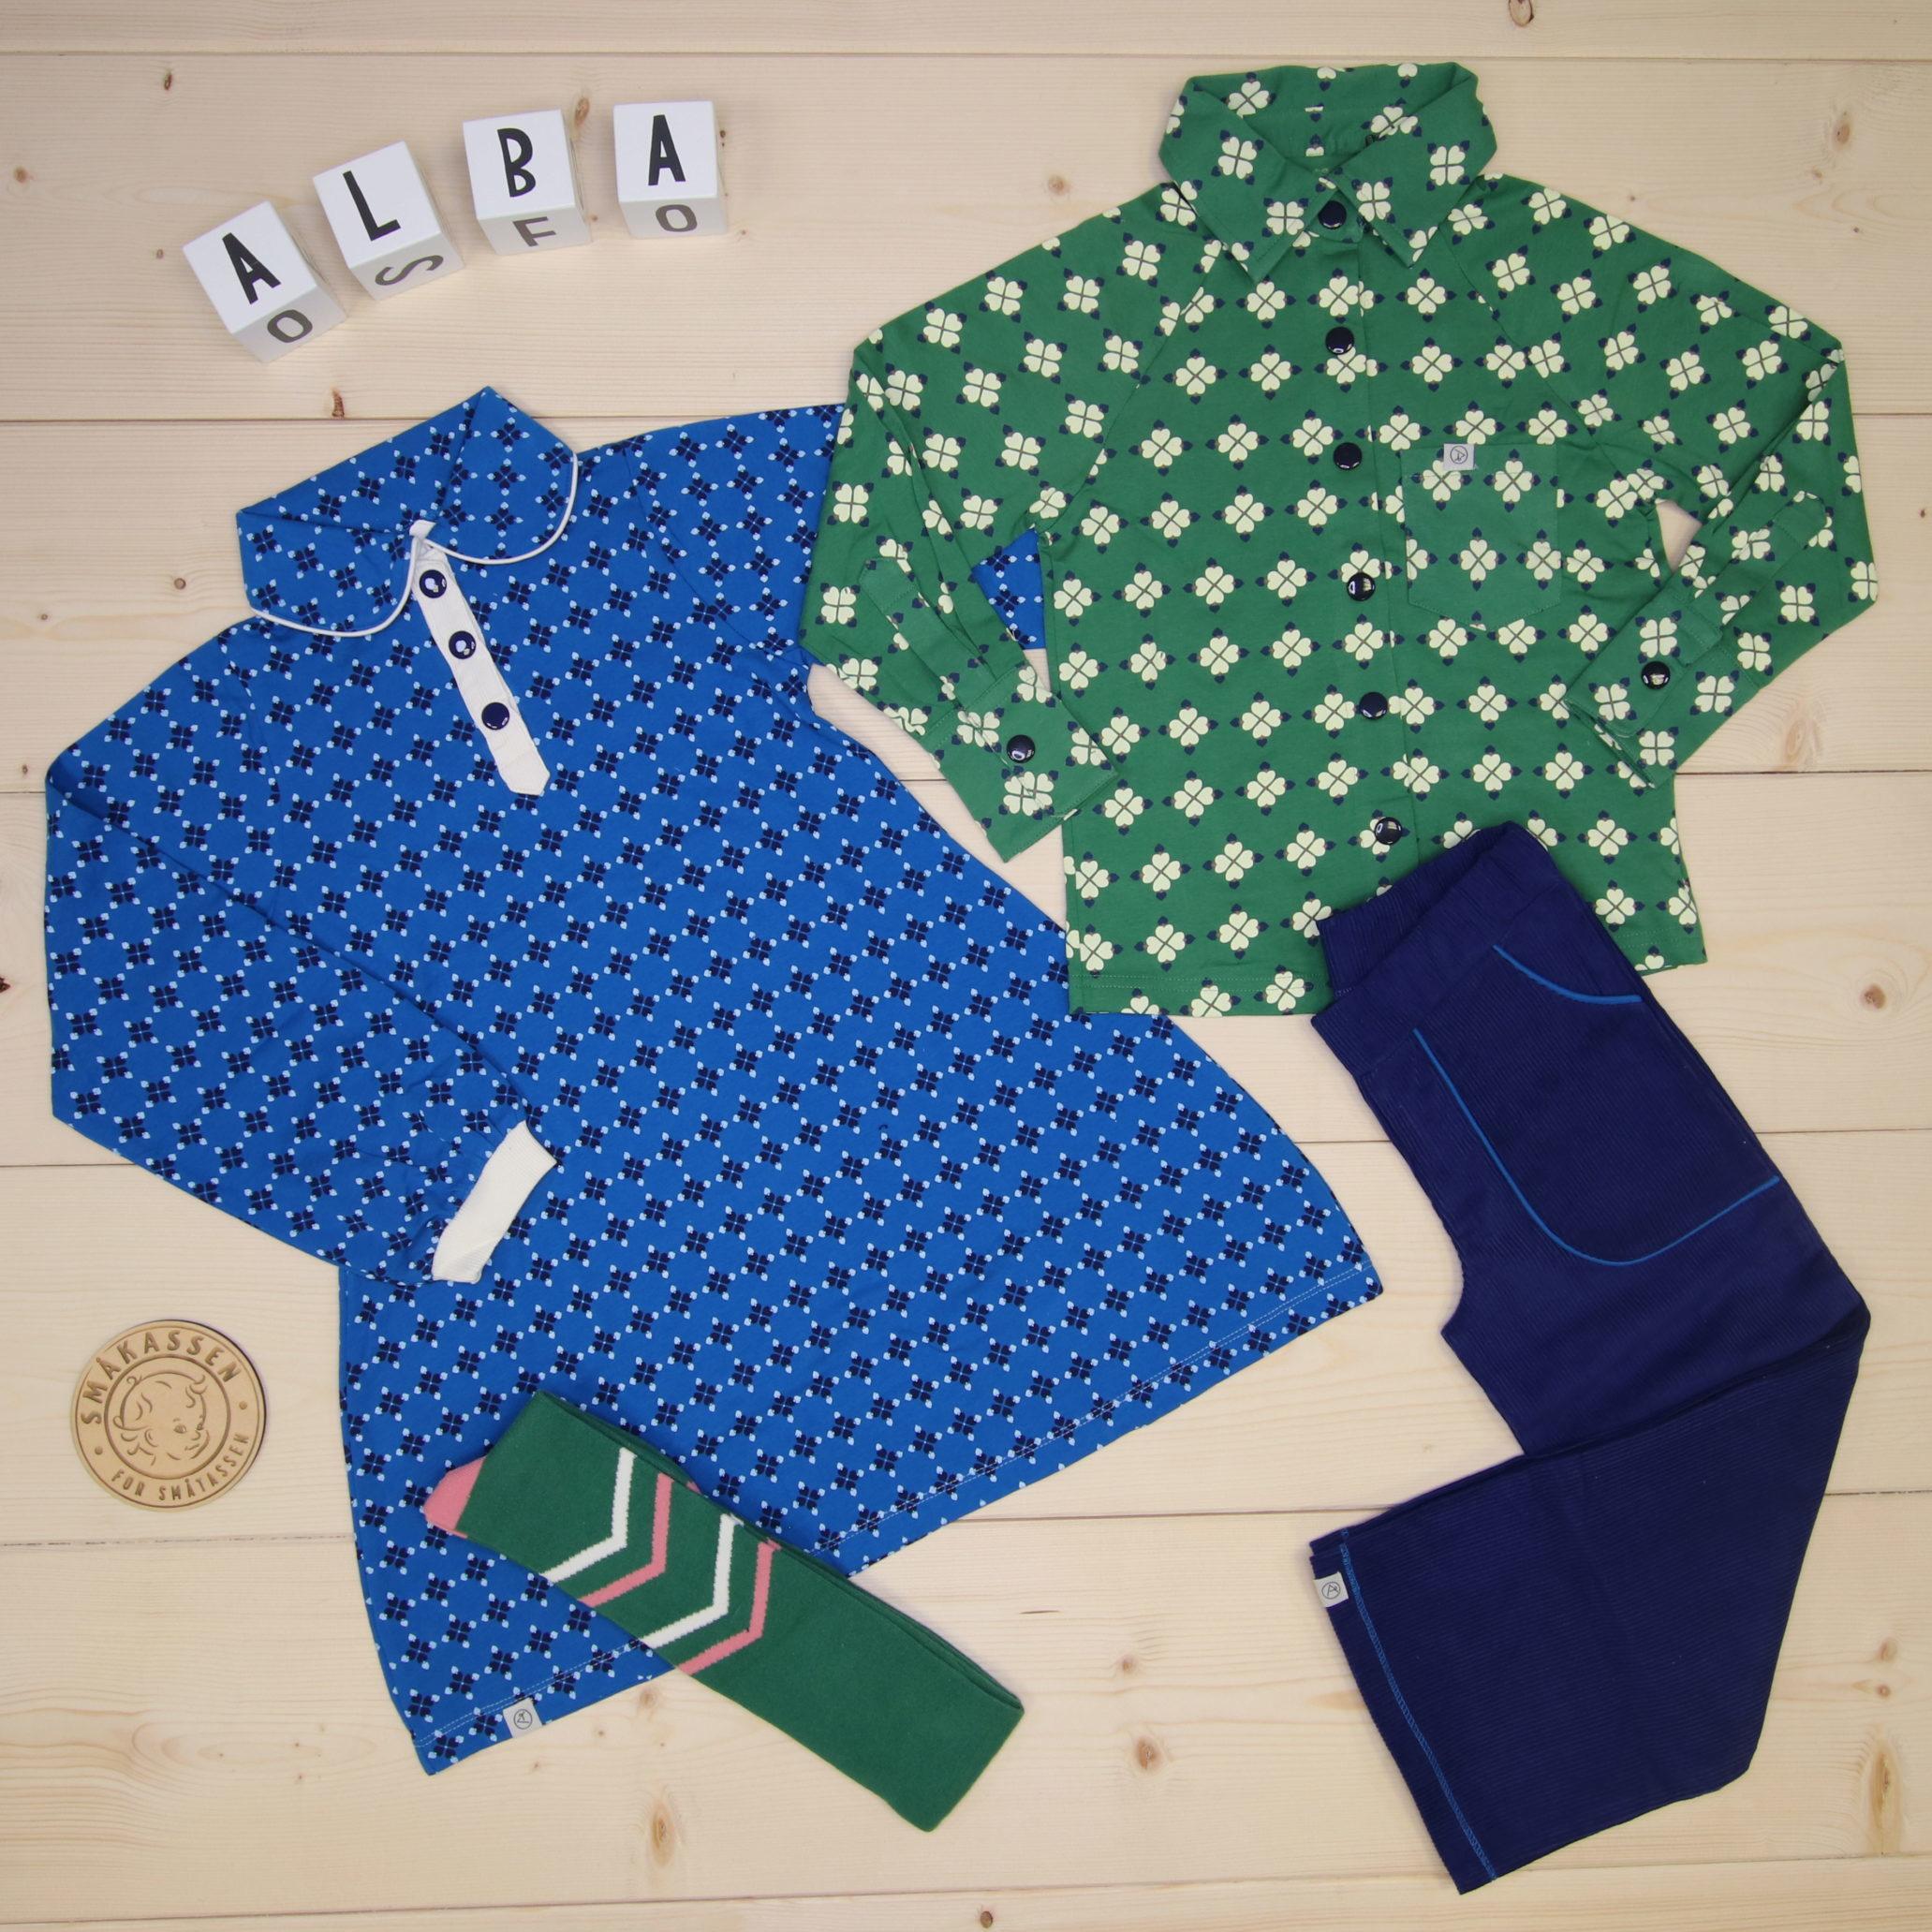 Matching, cool outfits for siblings from Alba 🍀💙💚  #alba @alba_of_denmark  Dette er Småpakke som vi forberedte for en jente i stilen cool